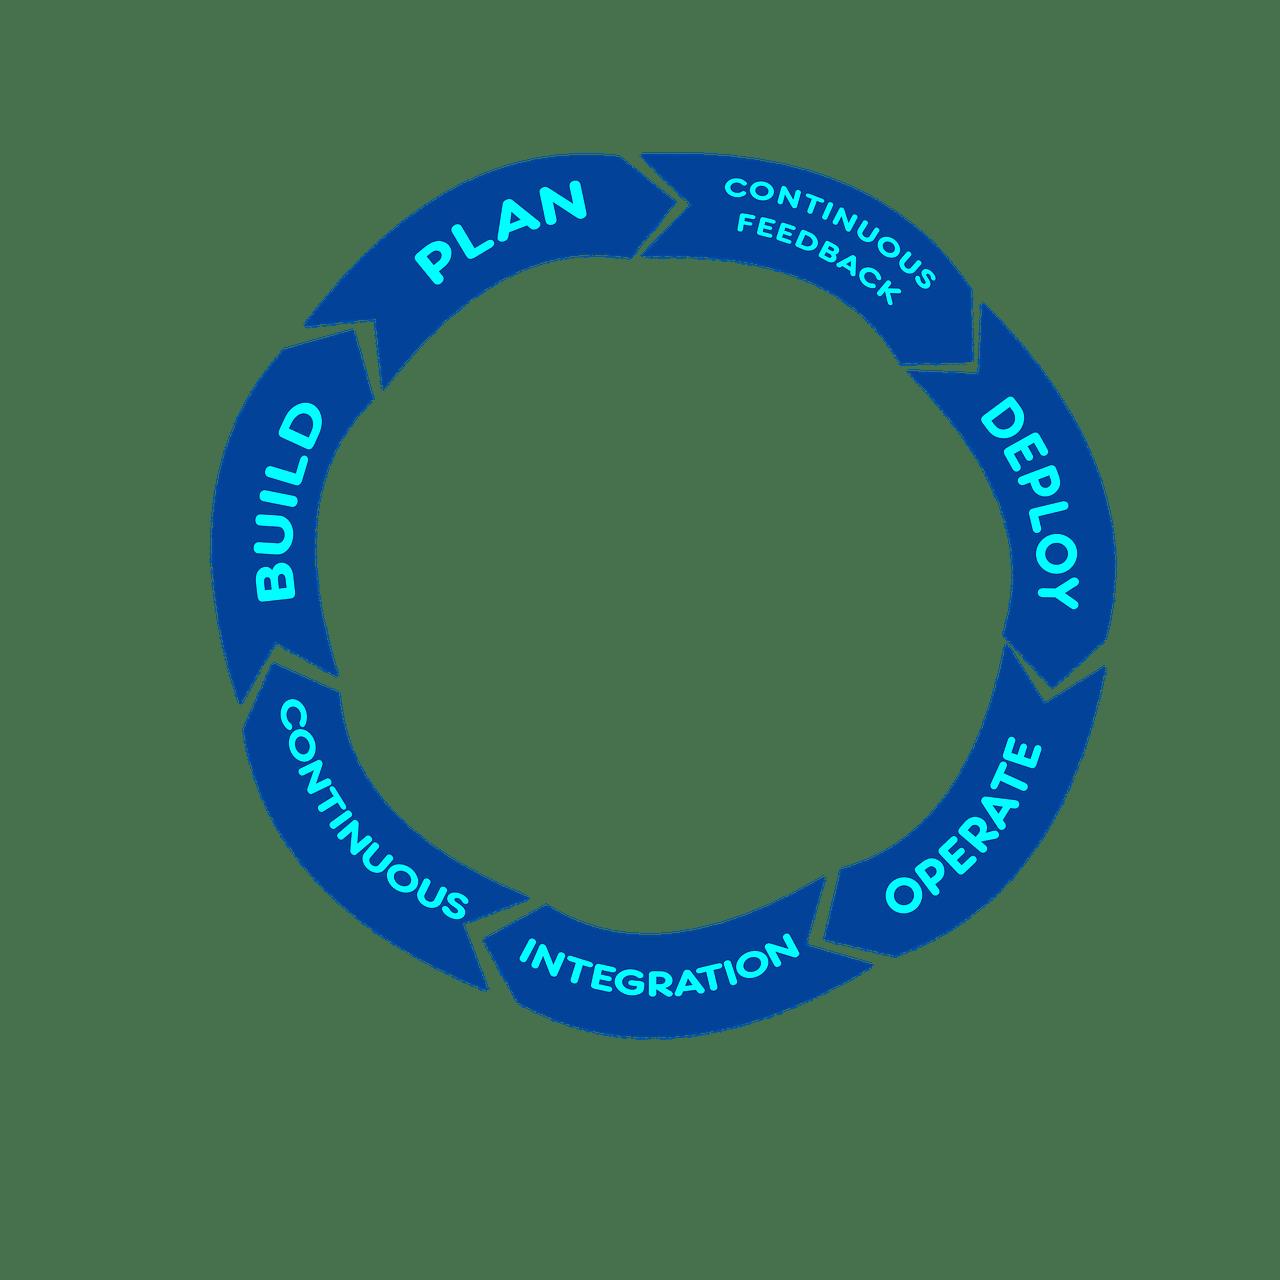 Entwicklungswerkstatt New Normal: Agilität und Kundenorientierung, CODE_n, Startup, Innovation, Industrie 4.0